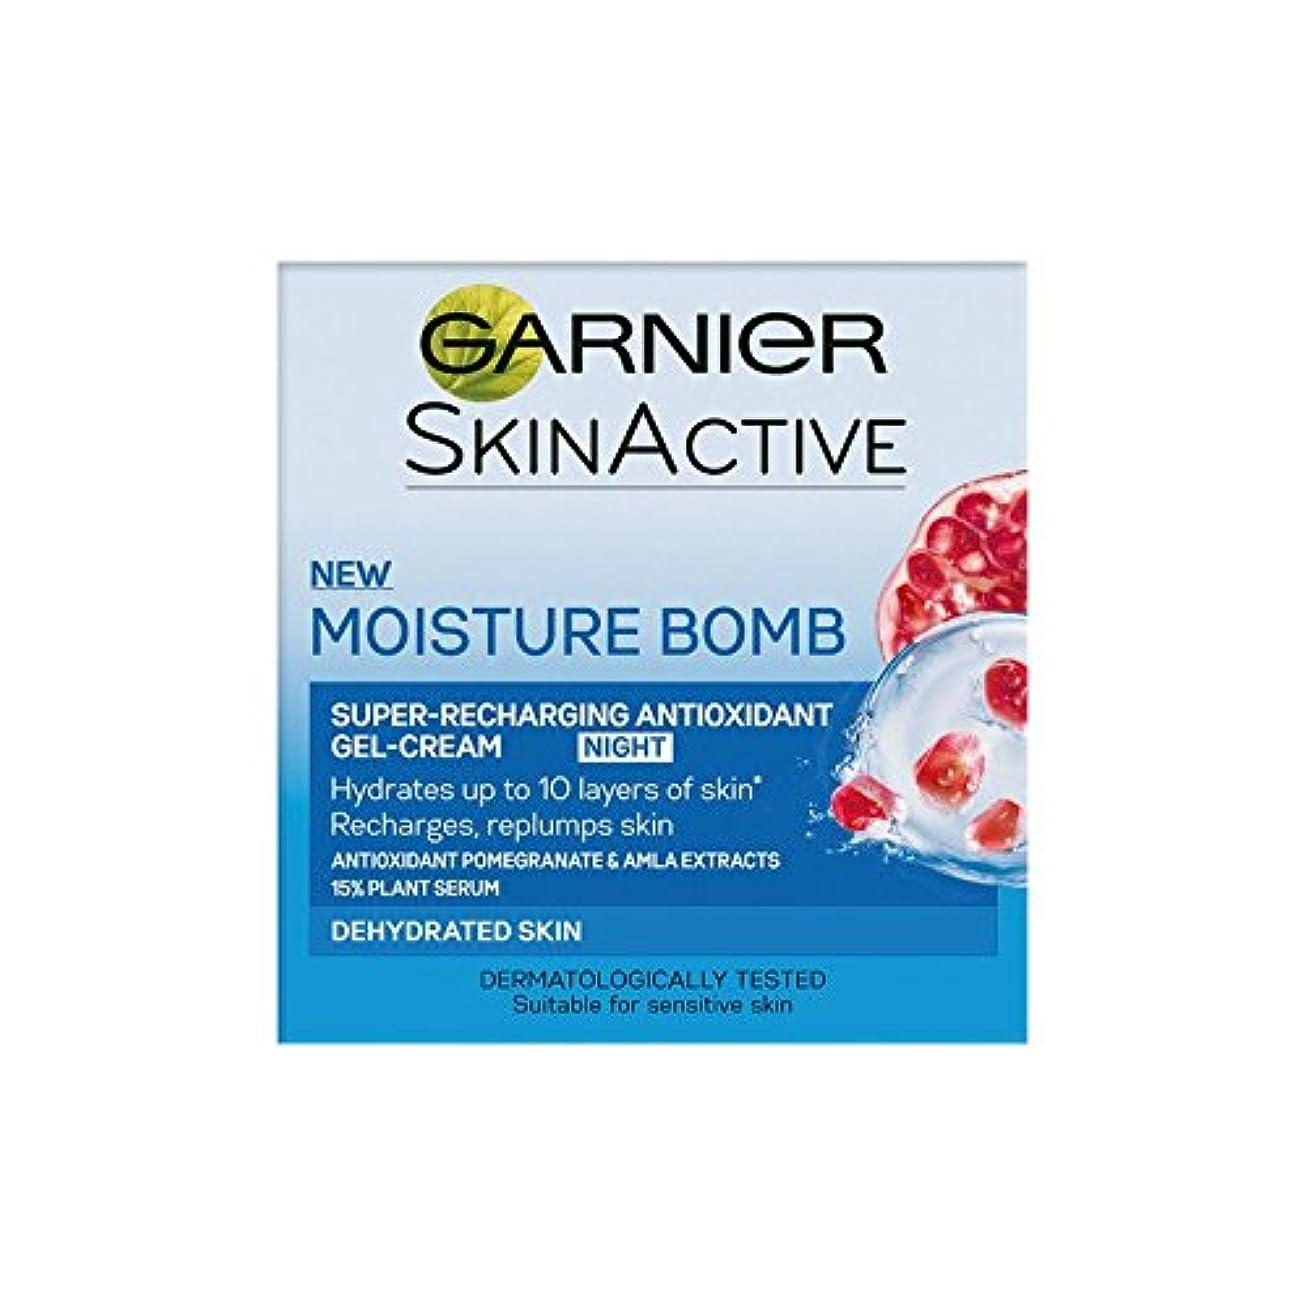 ダース出費開発するガルニエ水分爆弾超充電夜のゲルクリーム(50ミリリットル) x2 - Garnier Moisture Bomb Super-Recharging Night Gel-Cream (50ml) (Pack of 2) [...